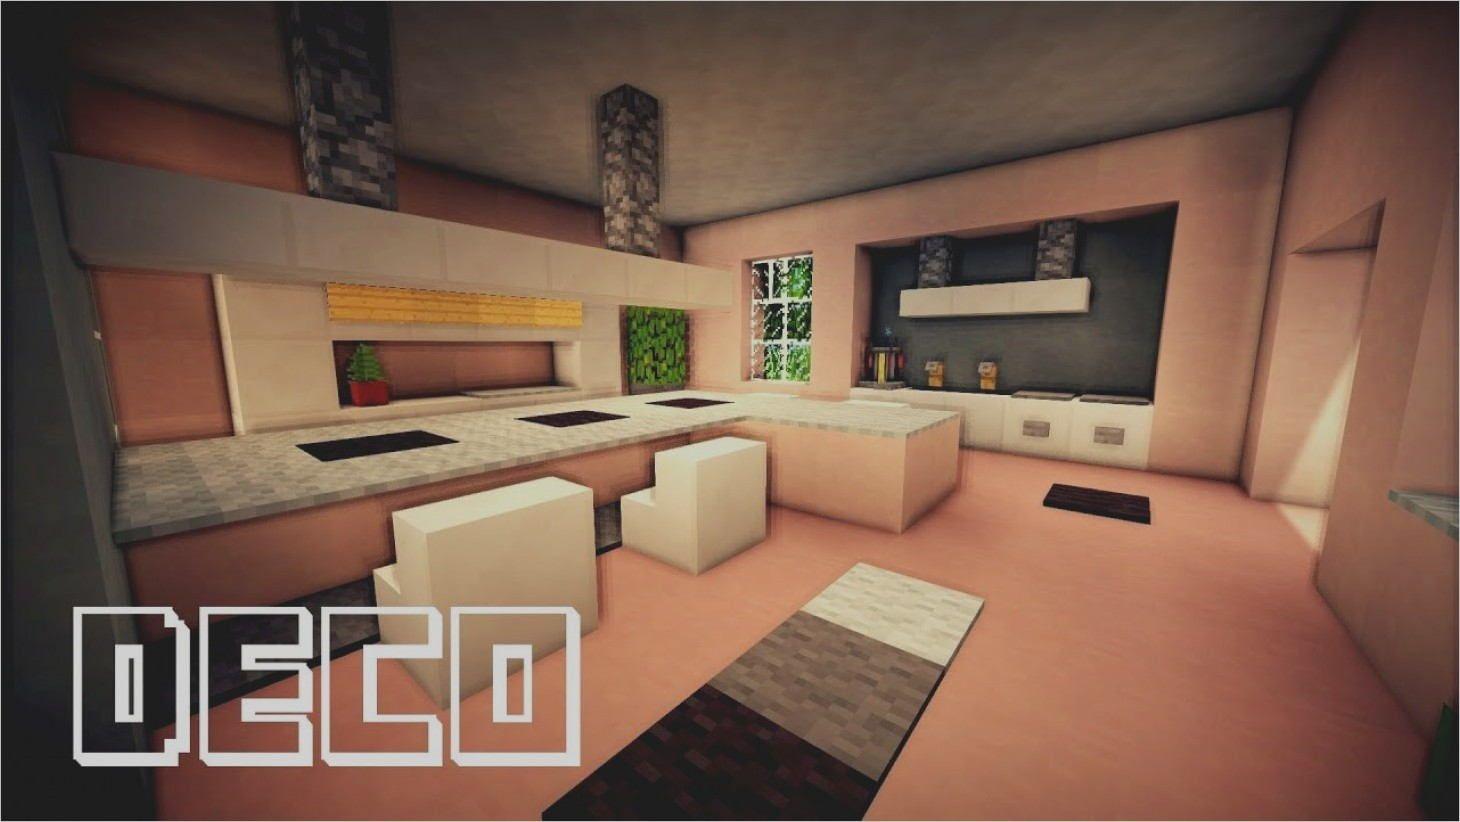 Salle A Manger Moderne Minecraft in 15  Minecraft modern